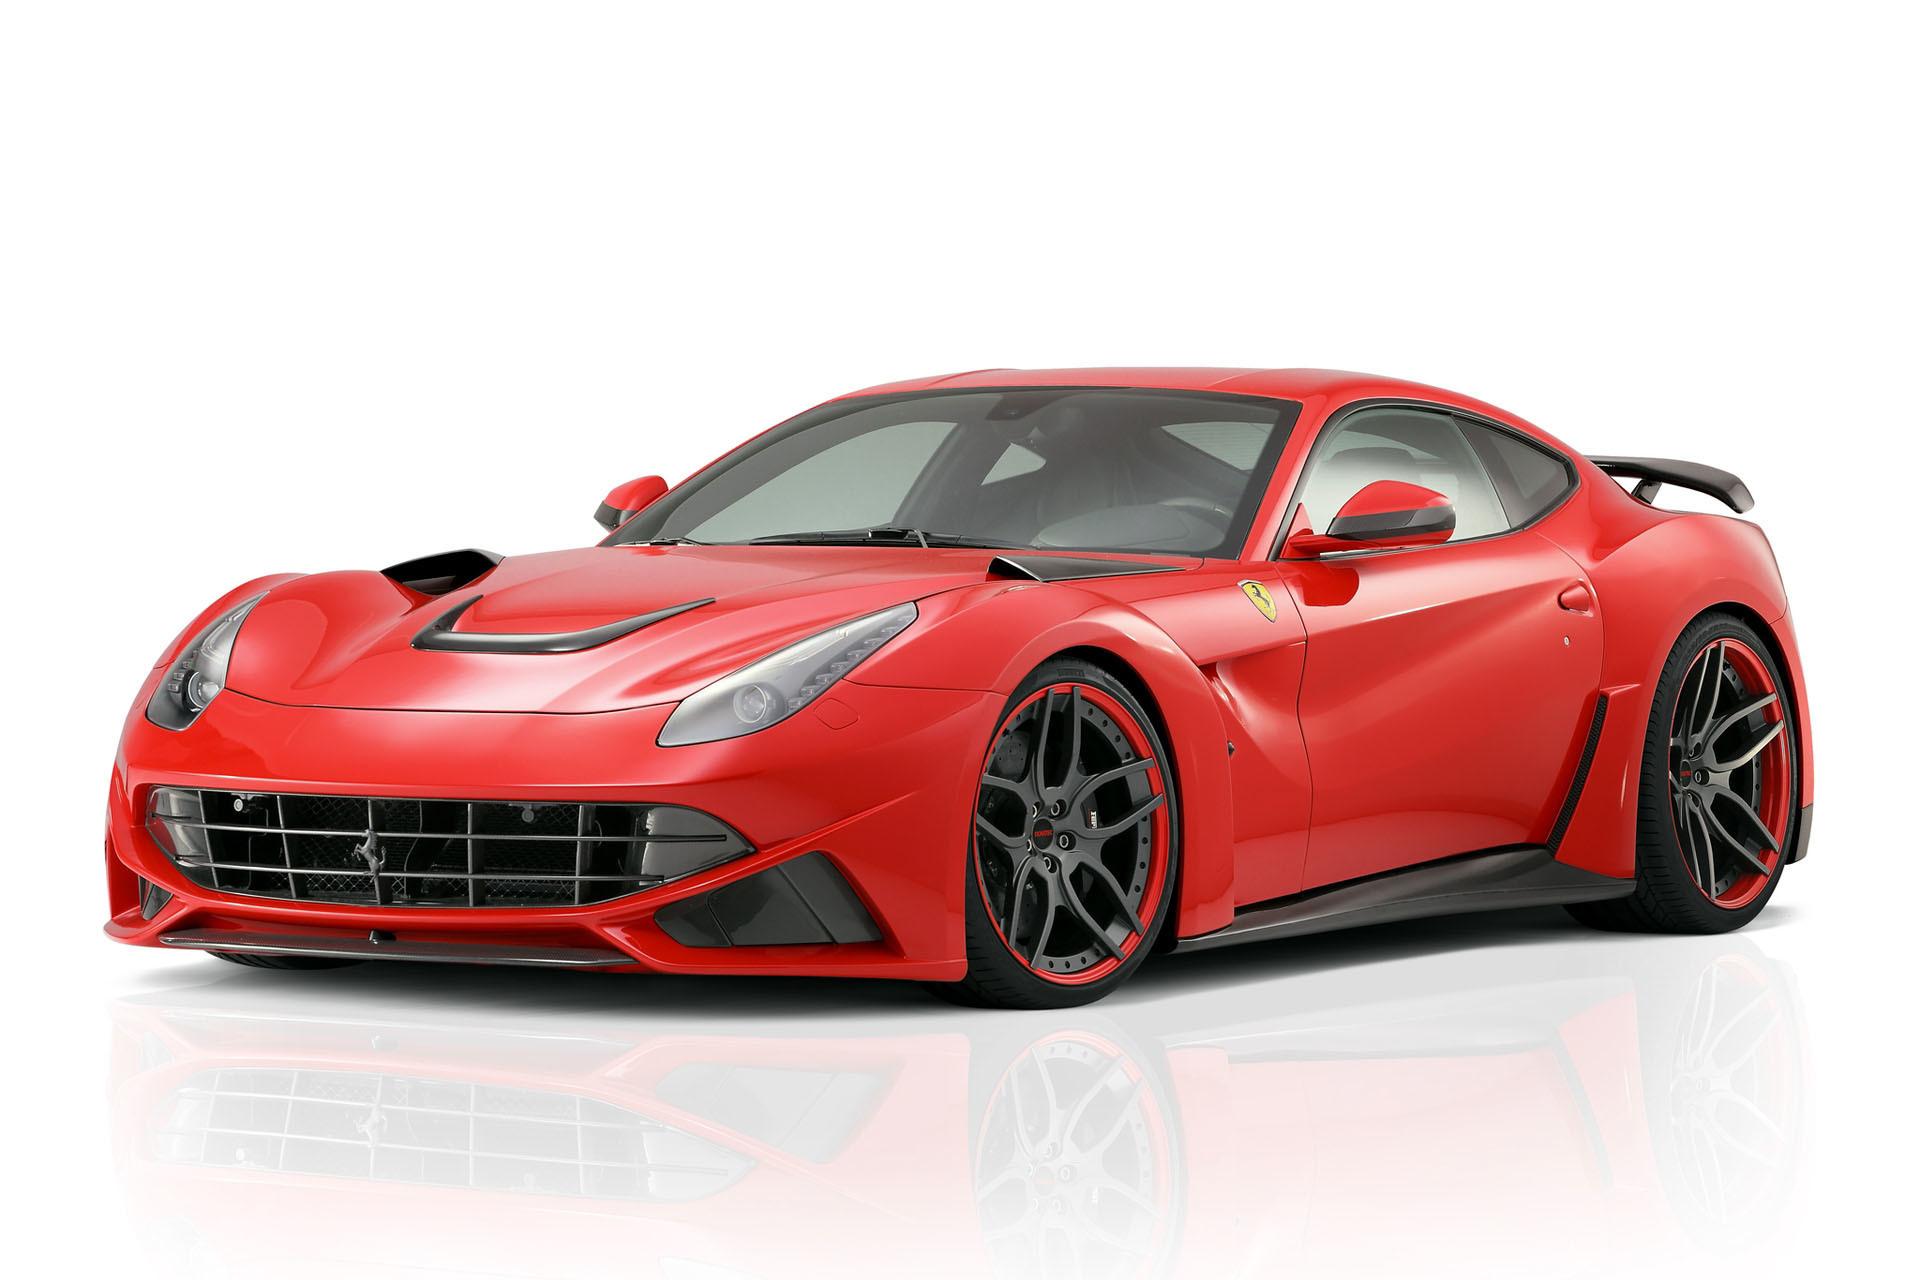 Hodoor Performance Carbon fiber Edging of the radiator grille for Parking sensors Novitec Style for Ferrari F12 Berlinetta